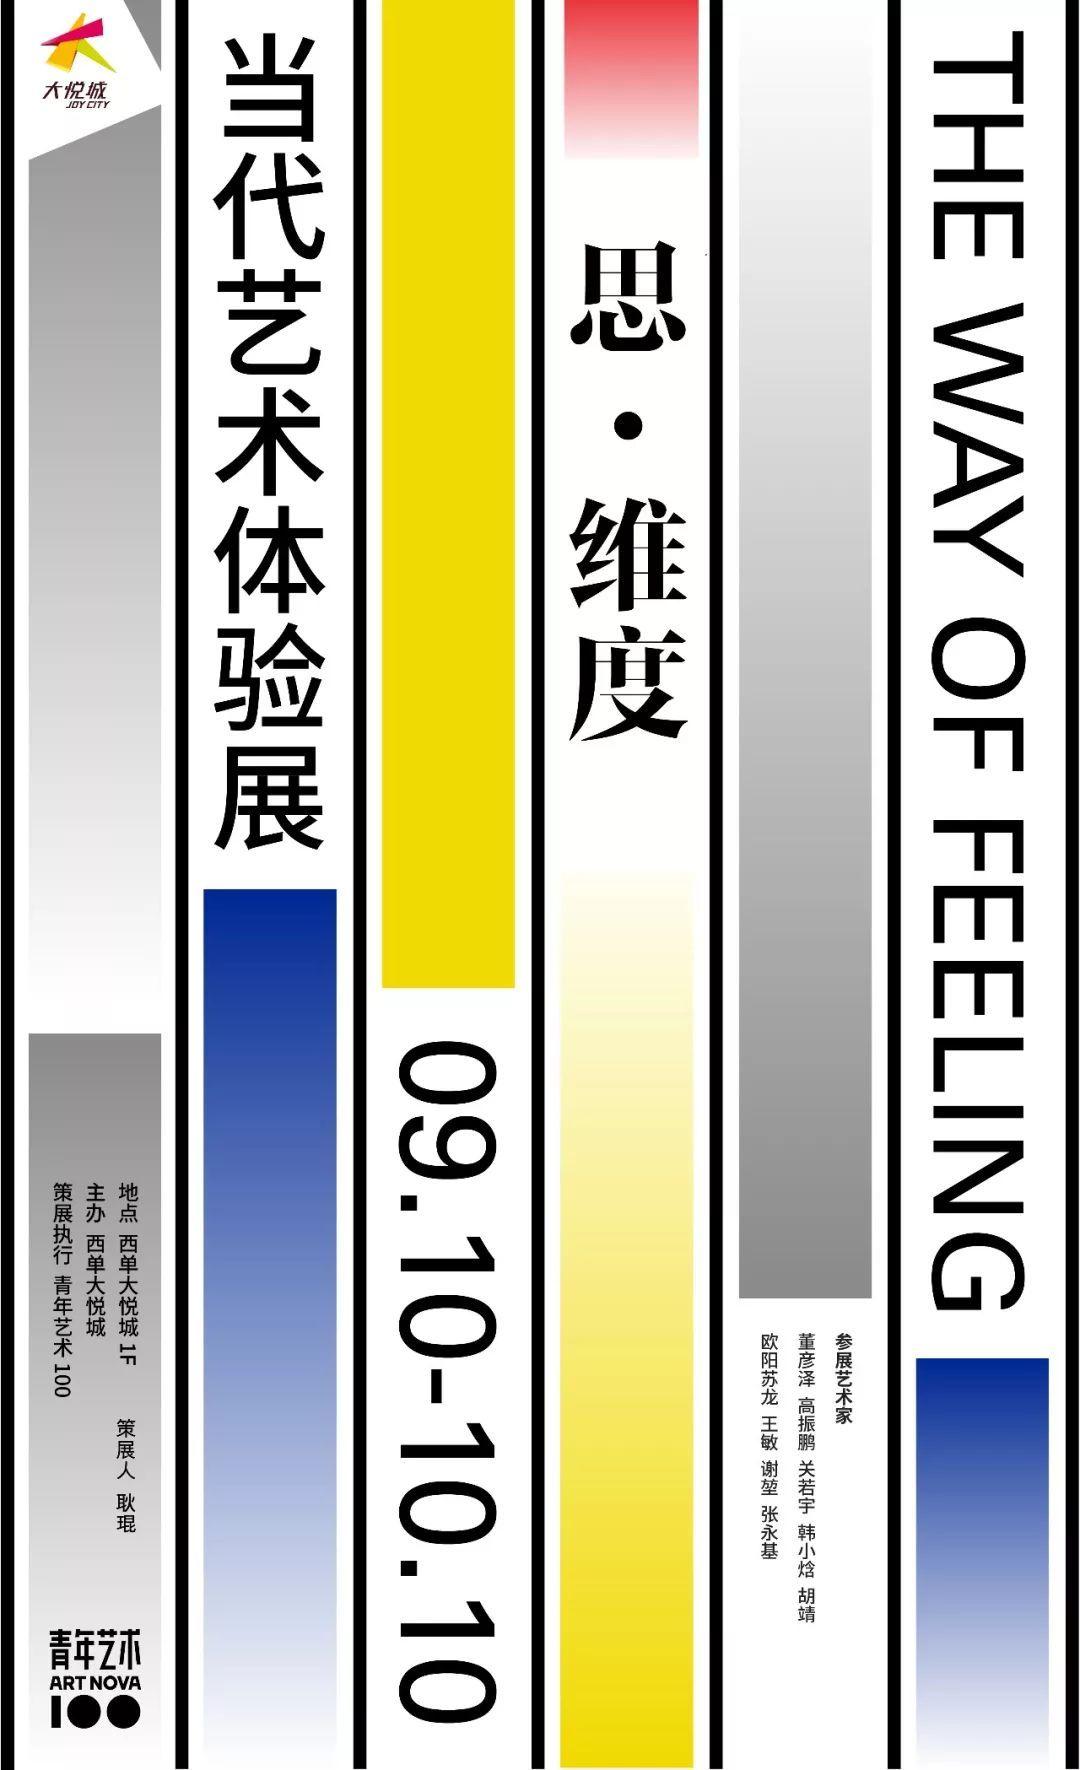 The way of feeling 思 · 维度——当代艺术体验展 | 100 · 展览